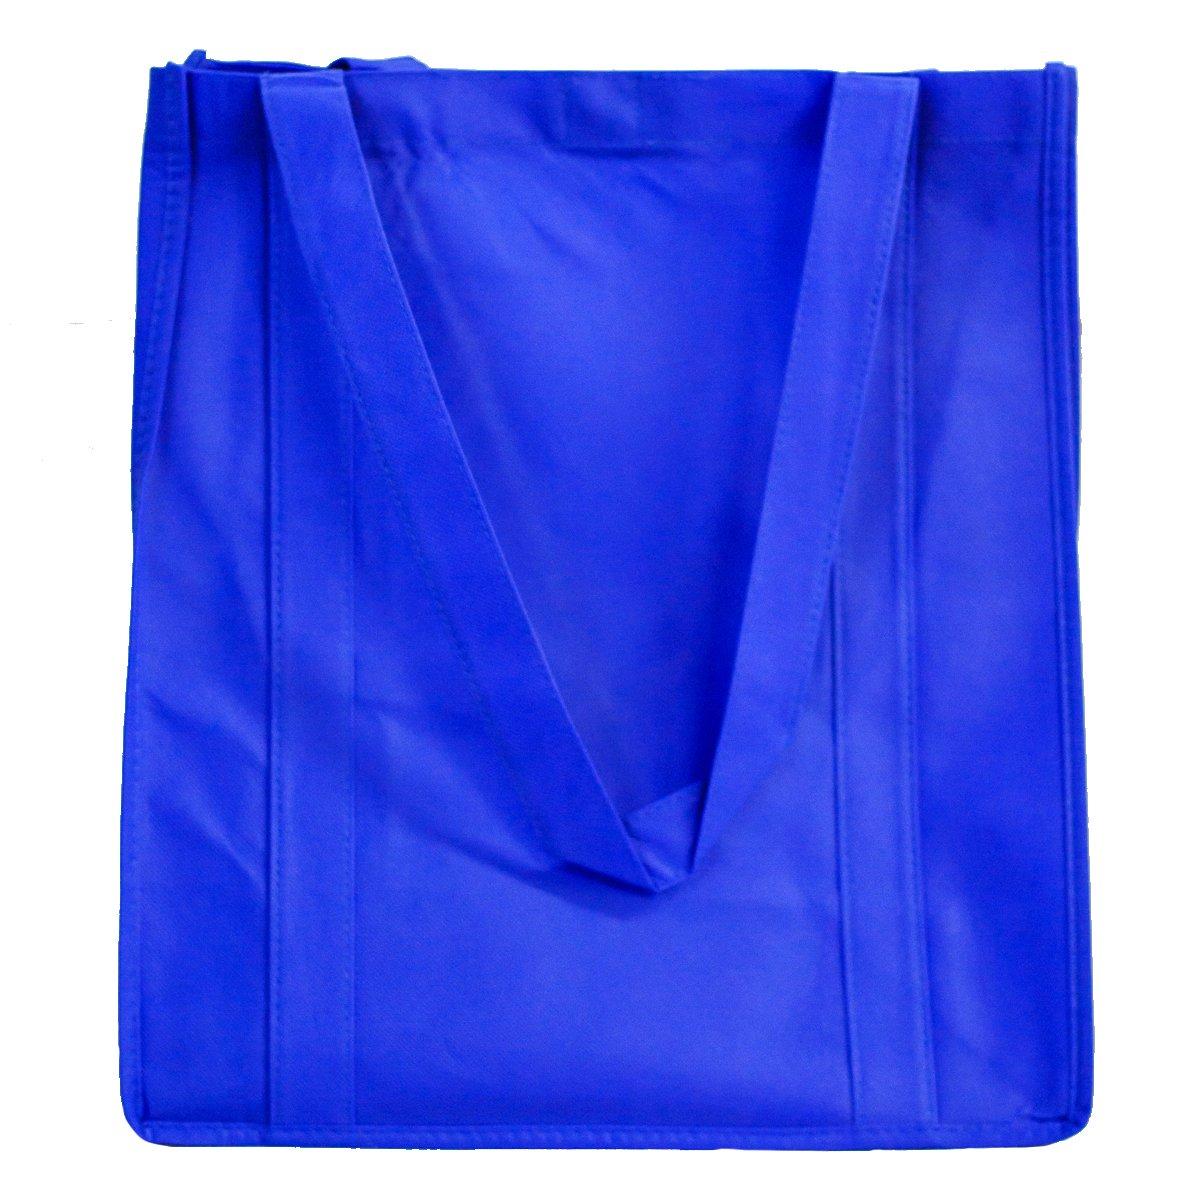 再利用可能な食料品バッグ(5パック) – Hold 30 + lbs – Extra Large &超強力なショッピングバッグ、頑丈 – Velcro Closureトートバッグwith強化ハンドル厚いプラスチック下部の強度 ブルー B01MTP5VEH ロイヤル ロイヤル